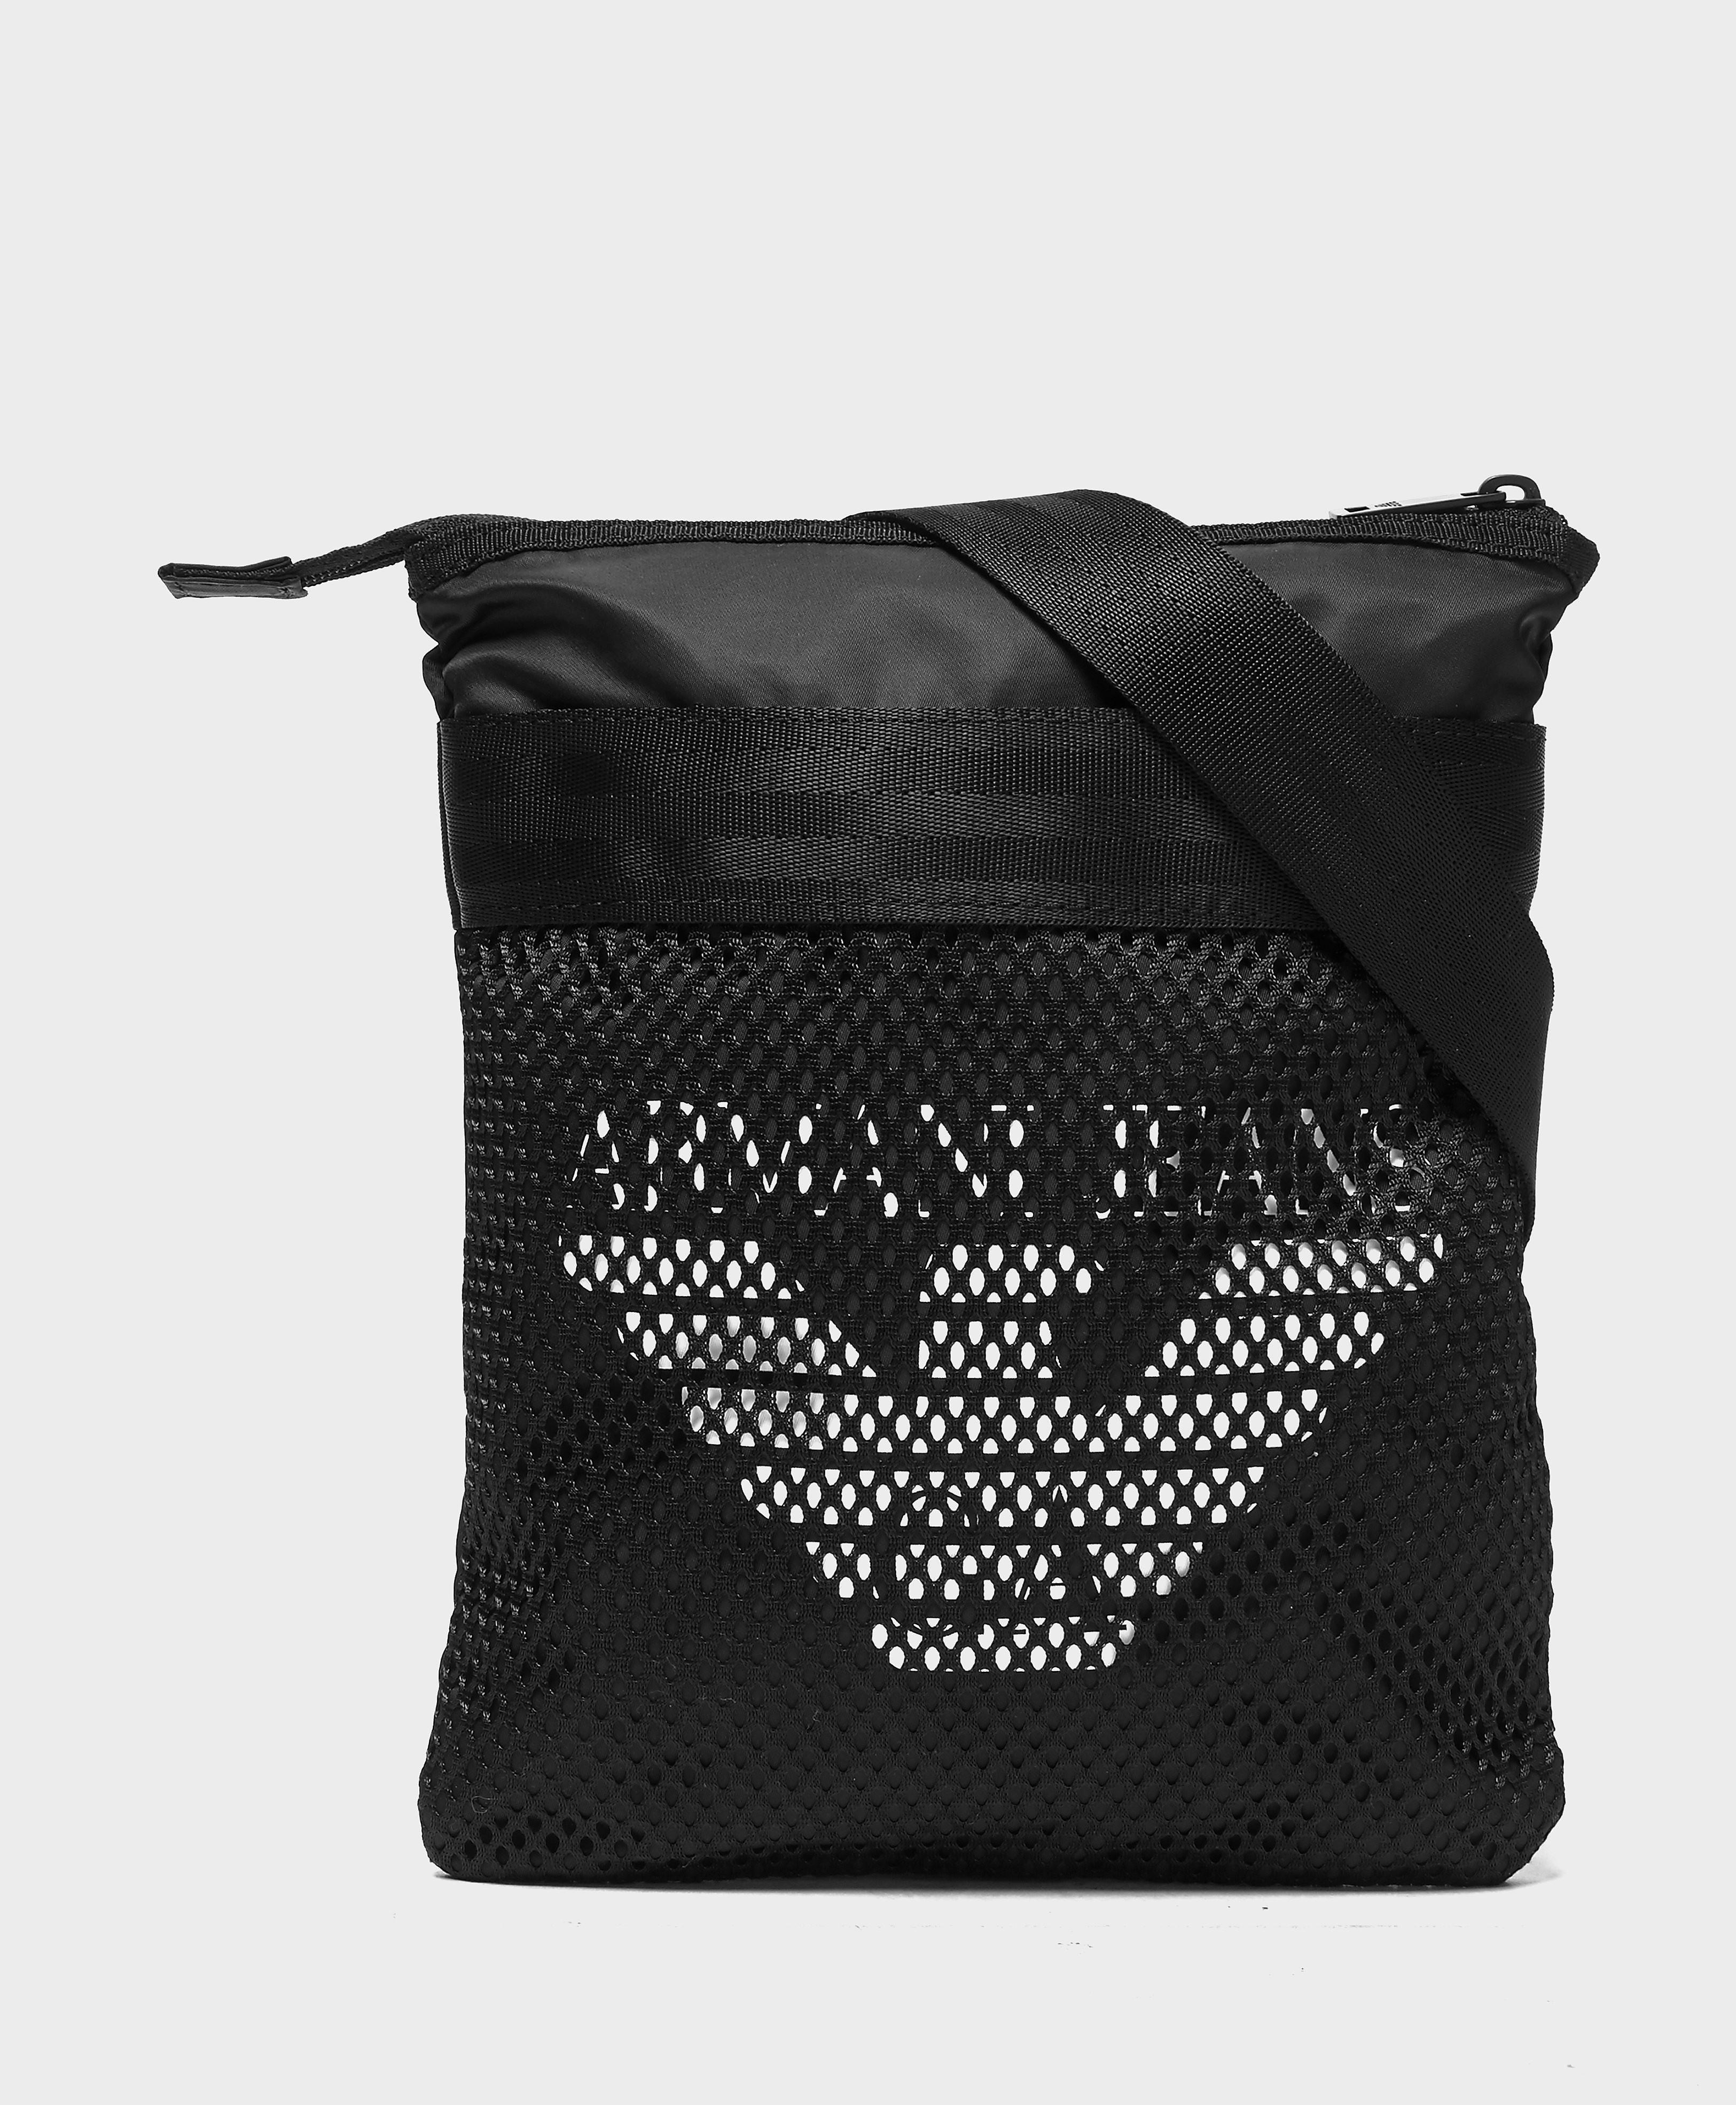 Armani Jeans Eagle Mesh Bag  Black Black